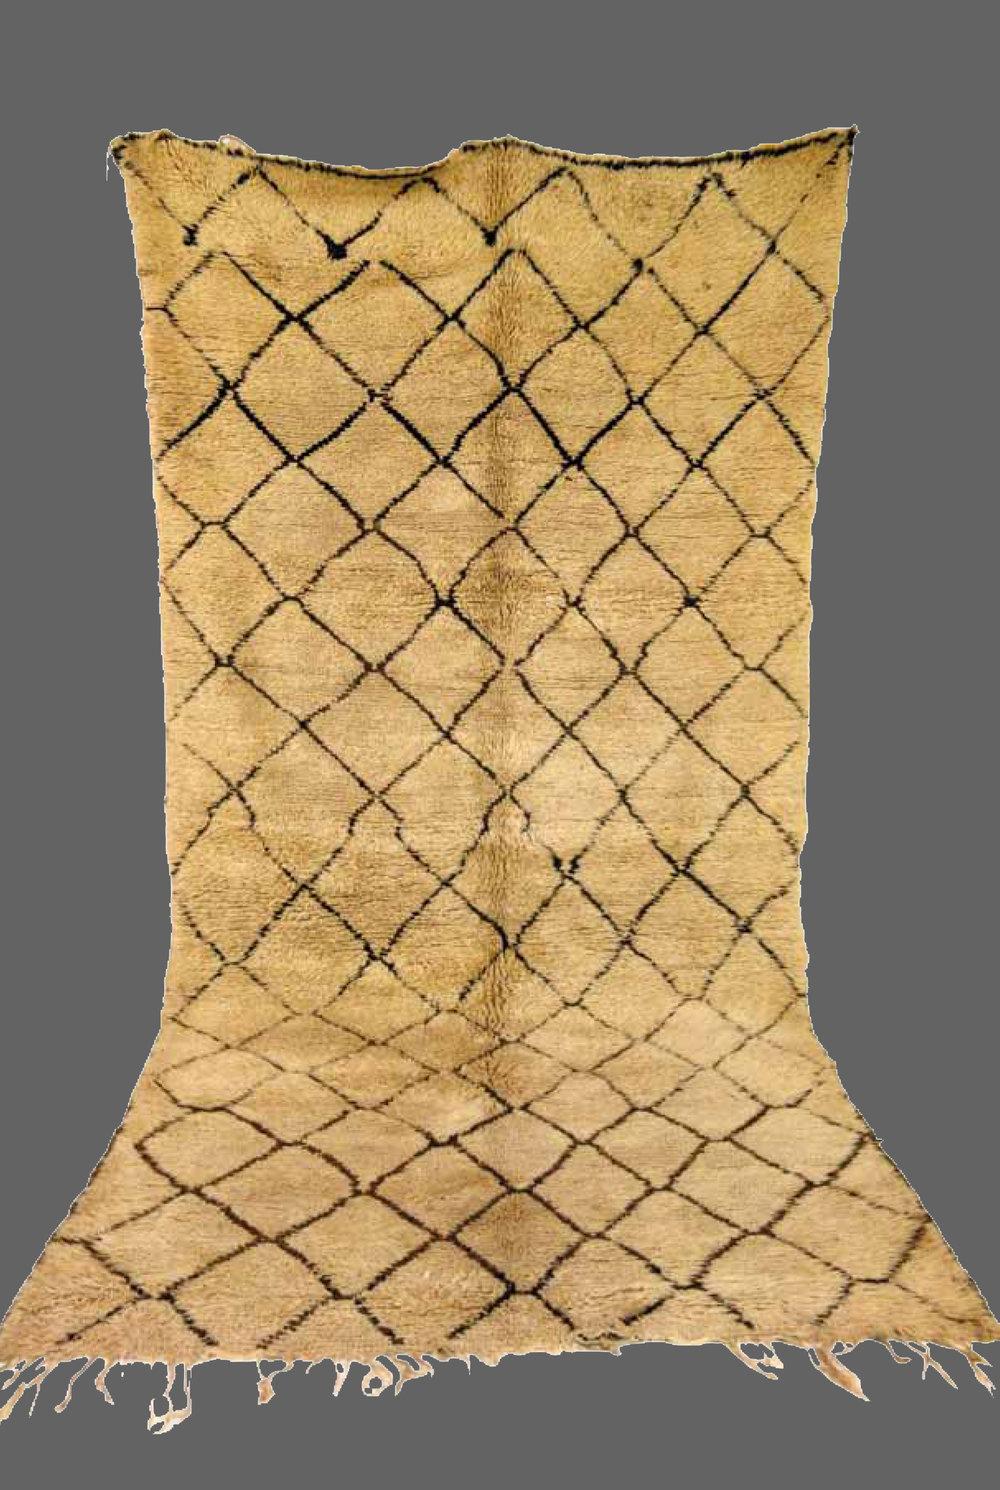 Ethnie : Beni Ouarein    Origine : Maroc    Année :1980    Dimensions : 3,90 x 1,90    Technique :    Description : Dessin classique, laine beige,tissage serré,superbe qualité    Référence : BEN 001    Prix : 2400€